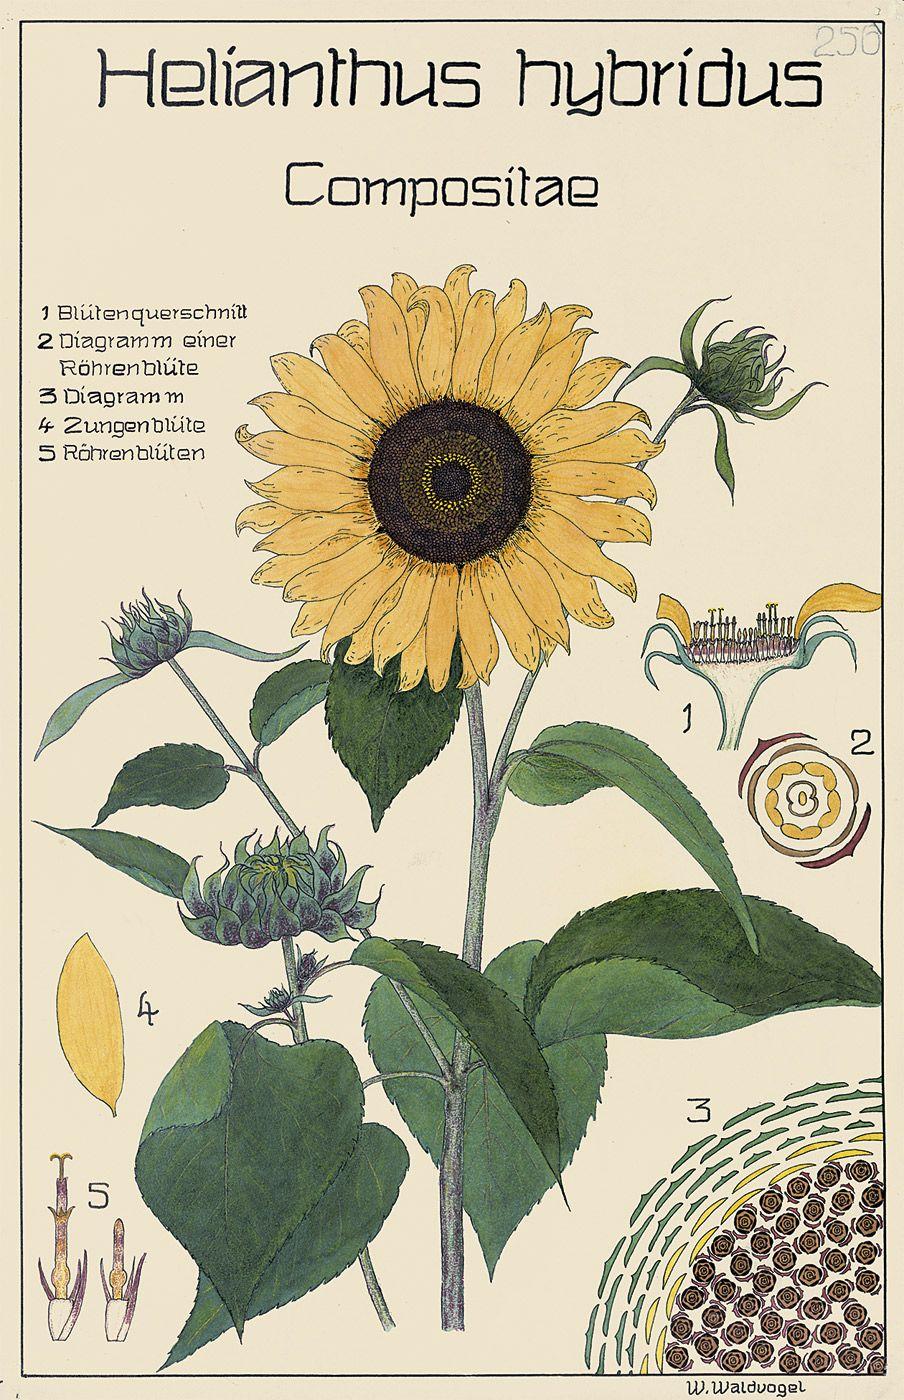 Botnical Sunflower Diagram Stamen Wire Diagrams Botanical Tree Ring Vintageprintable Schweizer Gartenbauschule Botanische Tafeln Verschiedener K Nstler Daisy Explore Prints Botany